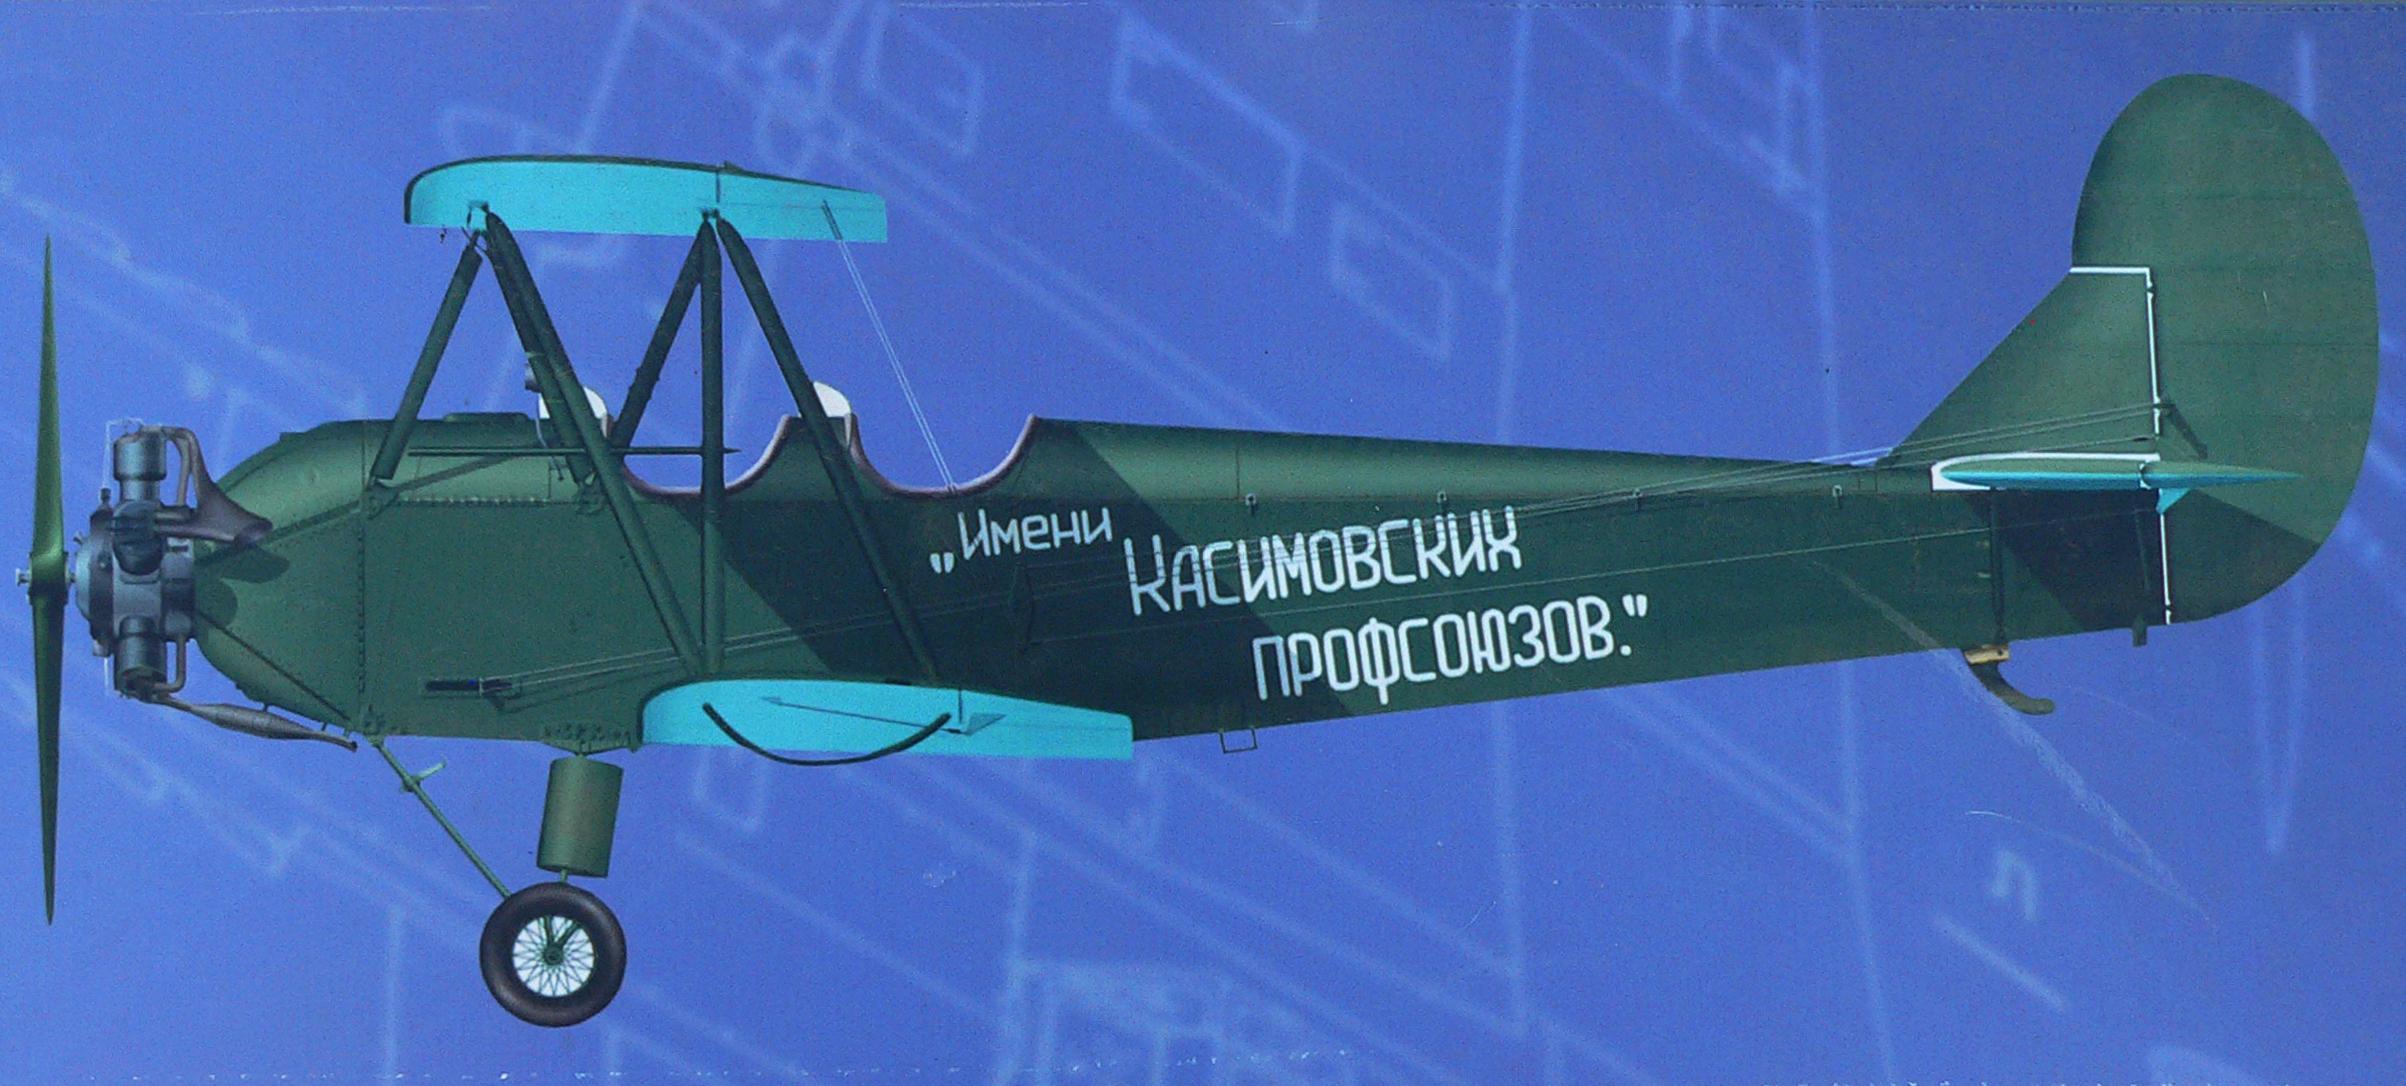 Фотография-самолета-ПО2